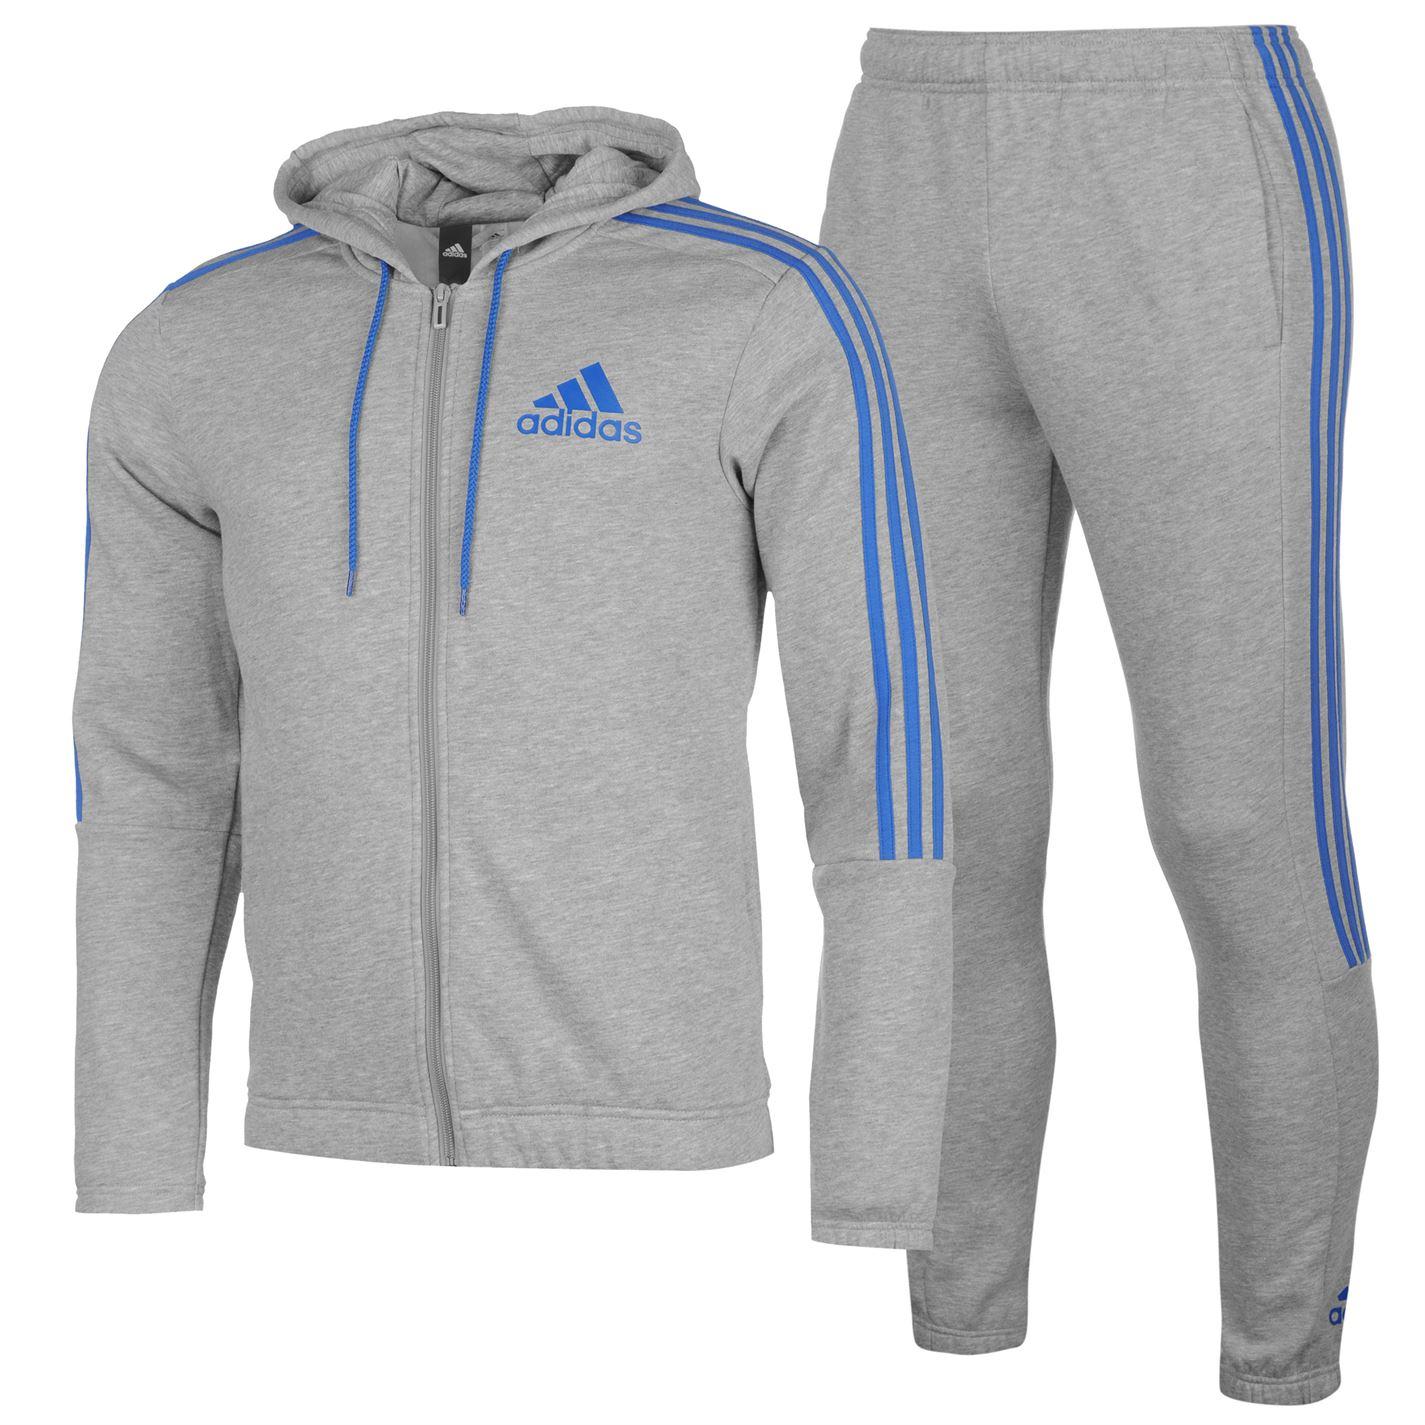 Adidas Three Stripe pánska tepláková súprava